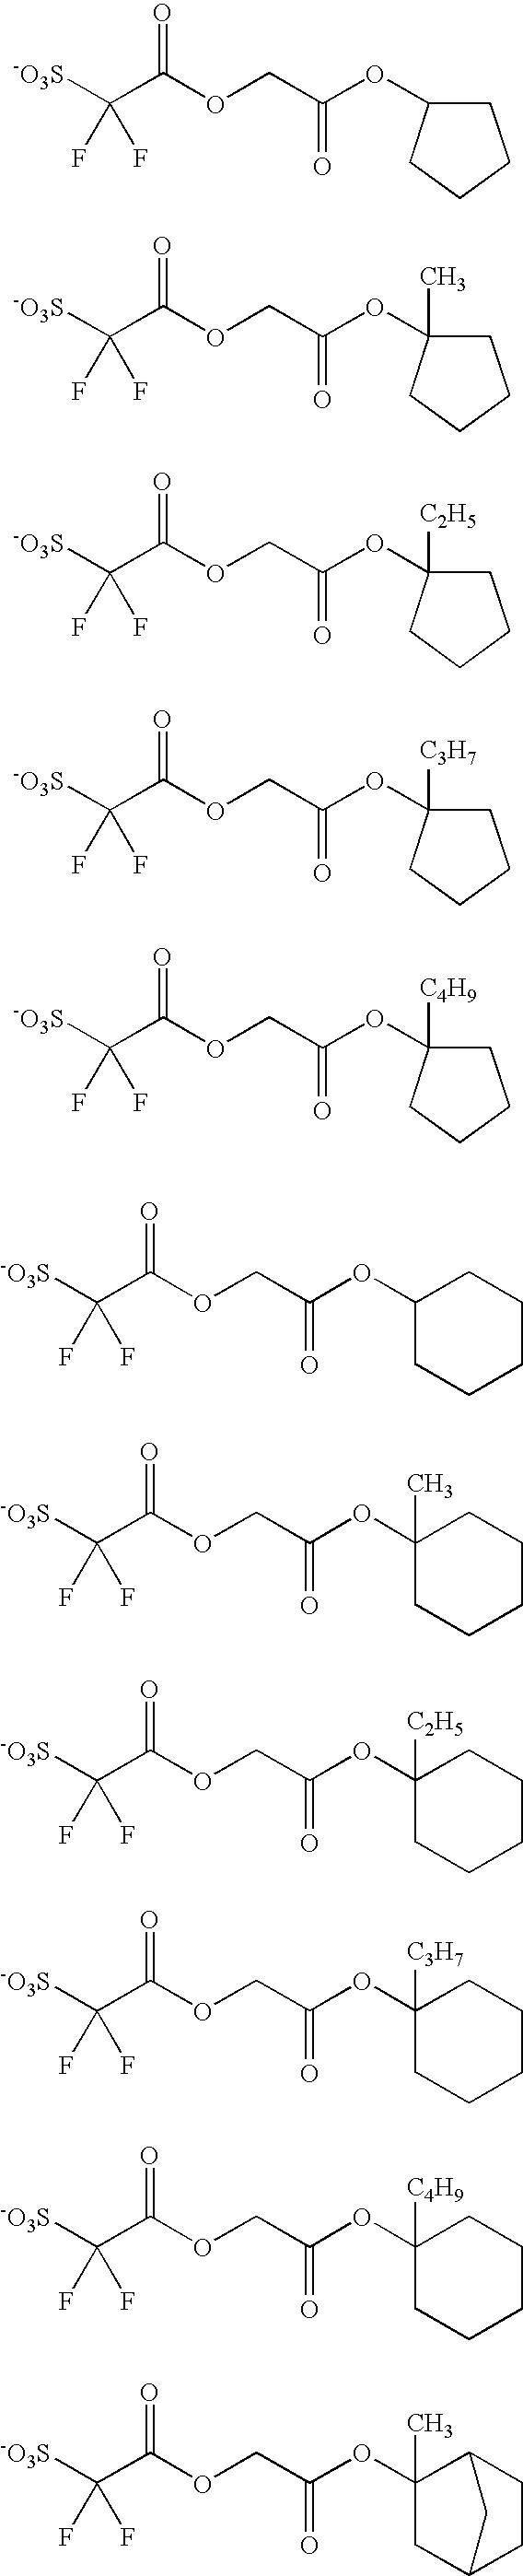 Figure US20100323296A1-20101223-C00108